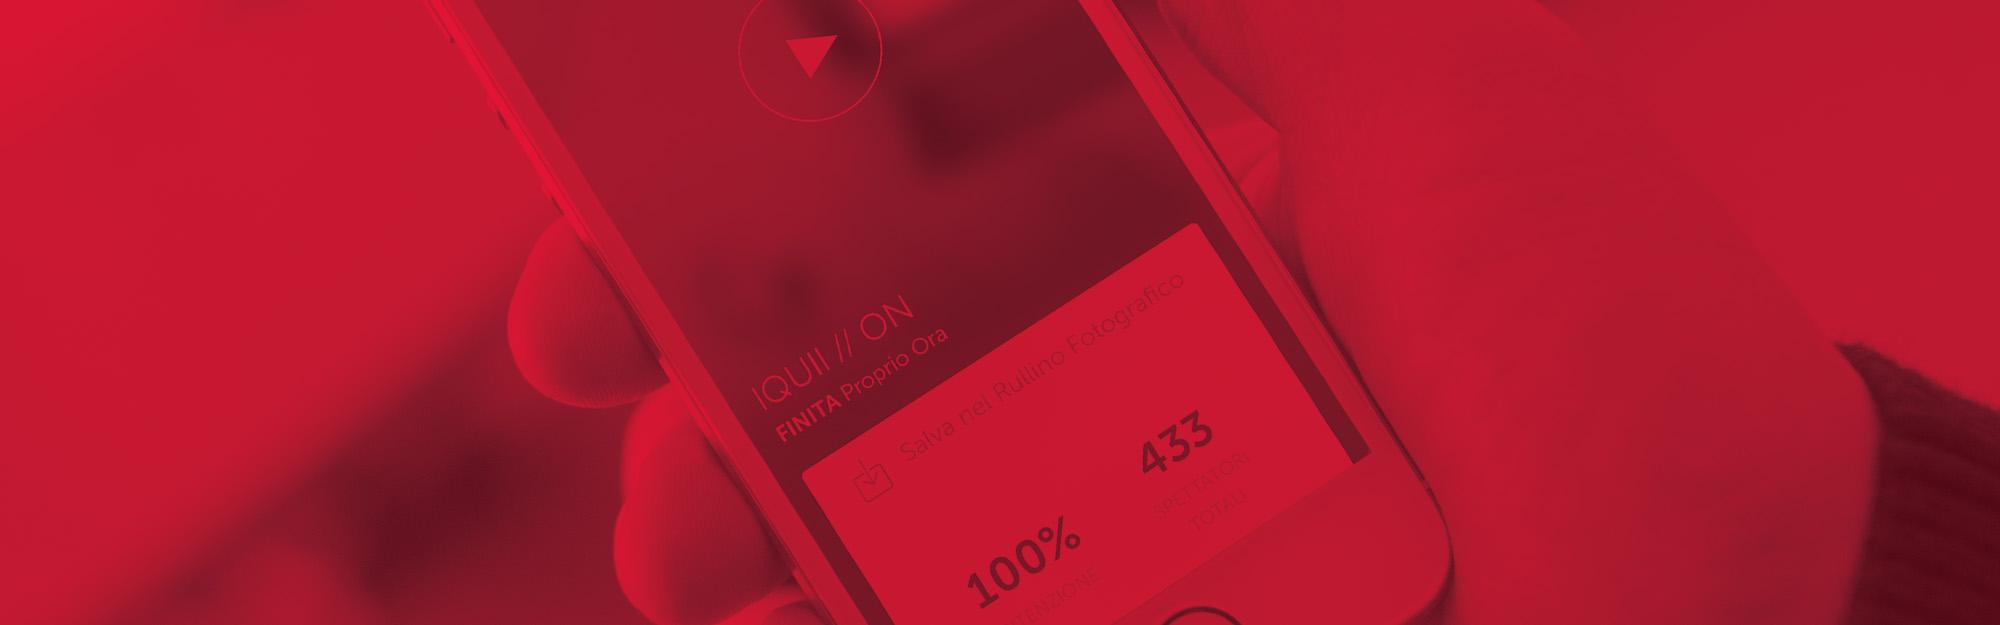 Periscope, un nuovo strumento di marketing esperienziale per il business?